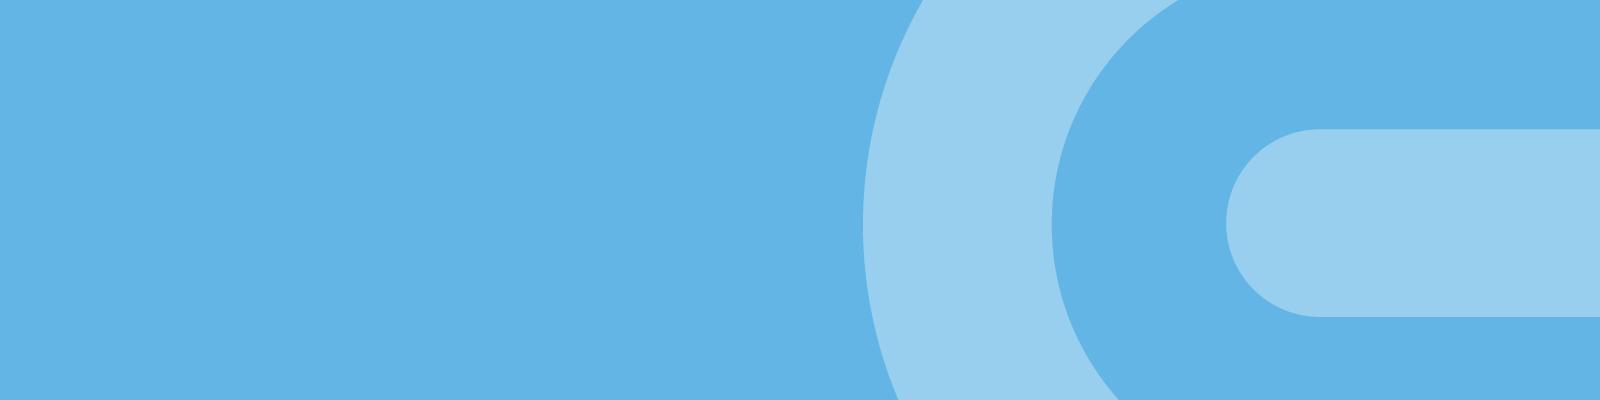 Banner Big C - light blue